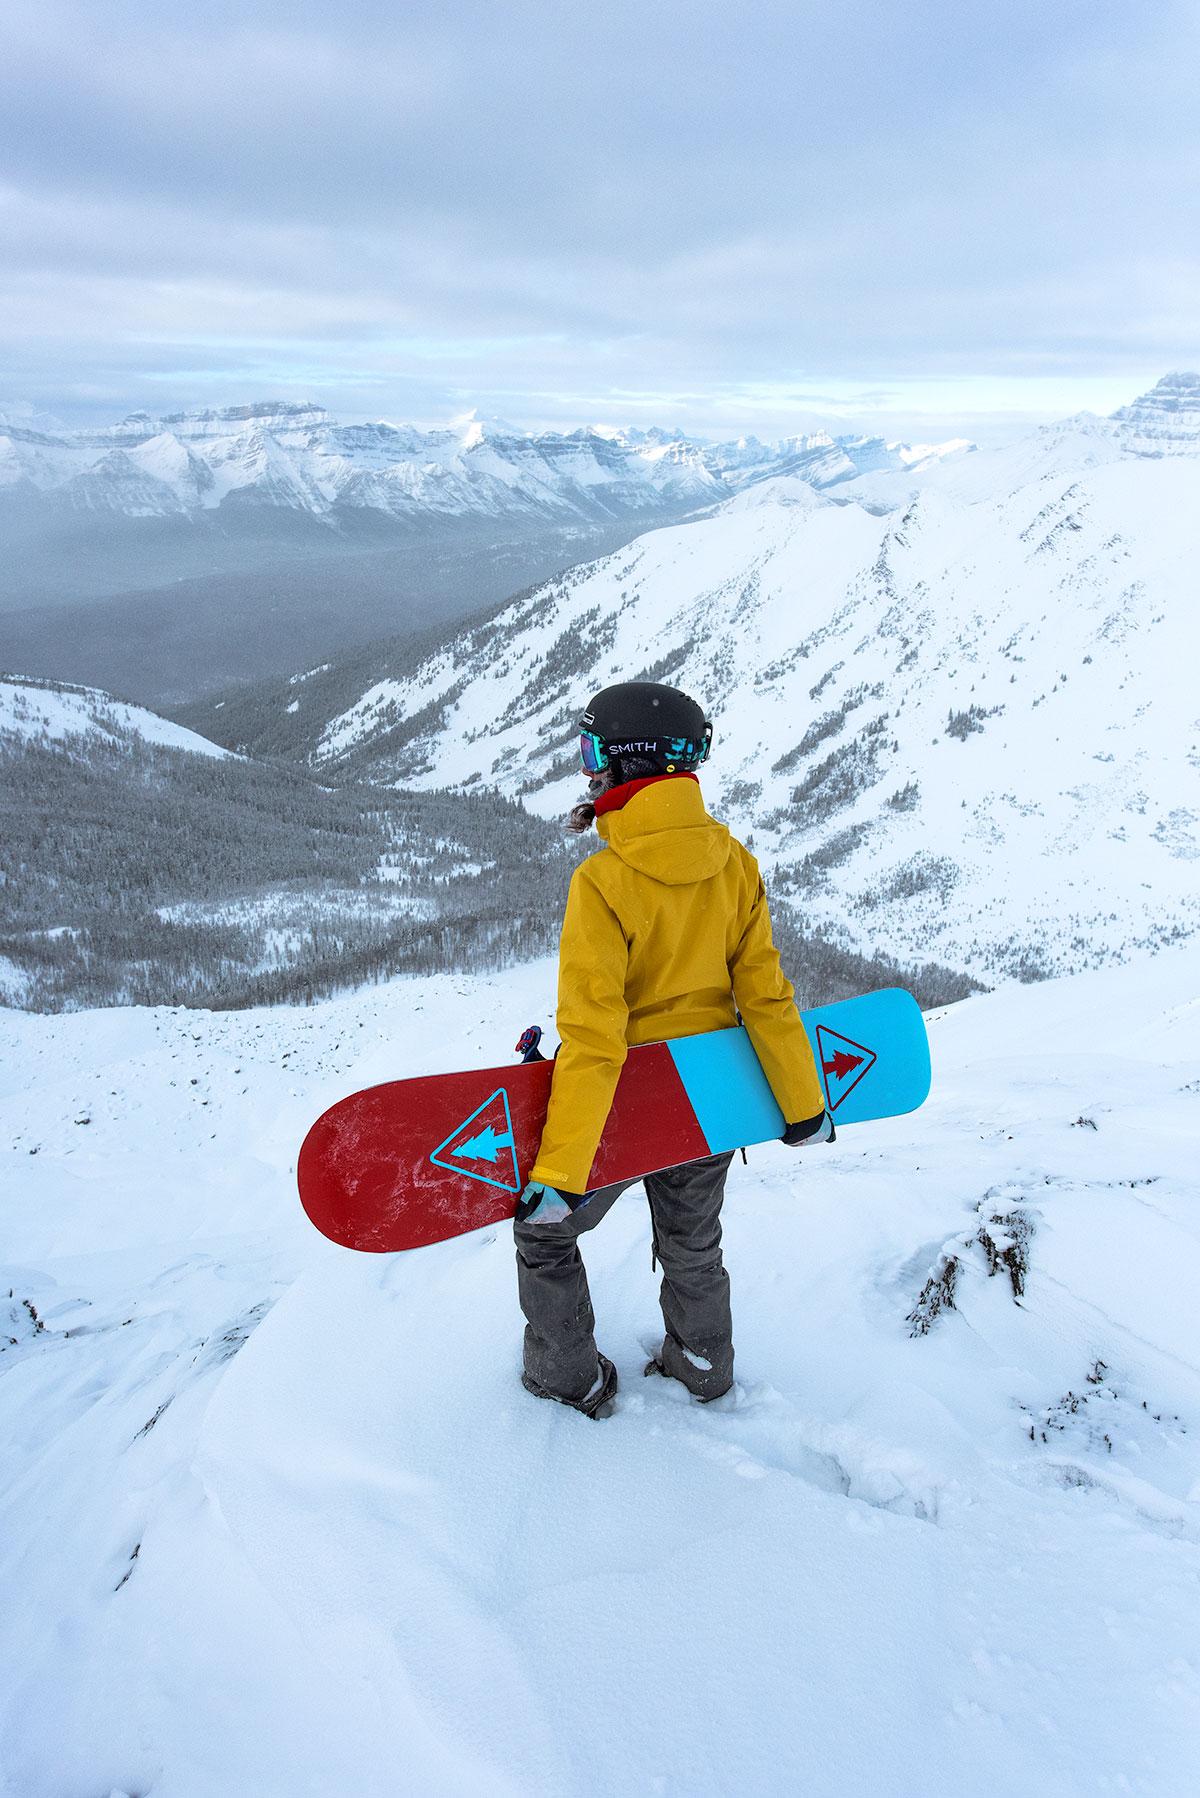 austin-trigg-patagonia-banff-alberta-winter-canada-lifestyle-adventure-mountains-lake-louise-ski-resort-valley.jpg